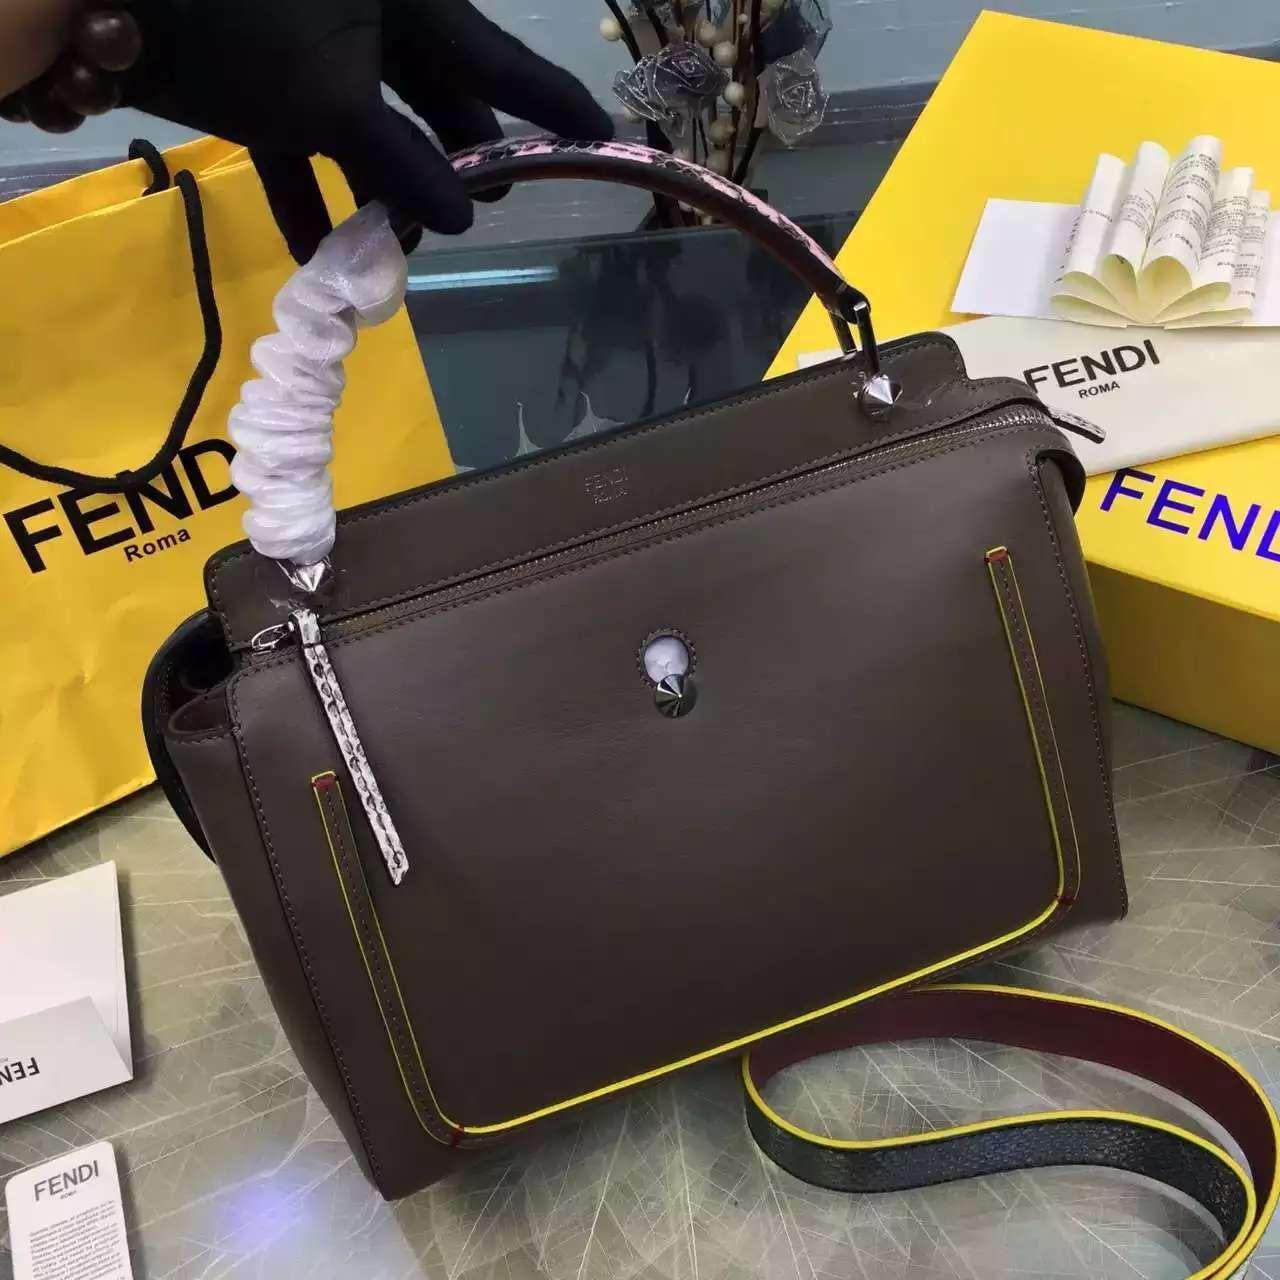 Fendi Bags Uk Sale